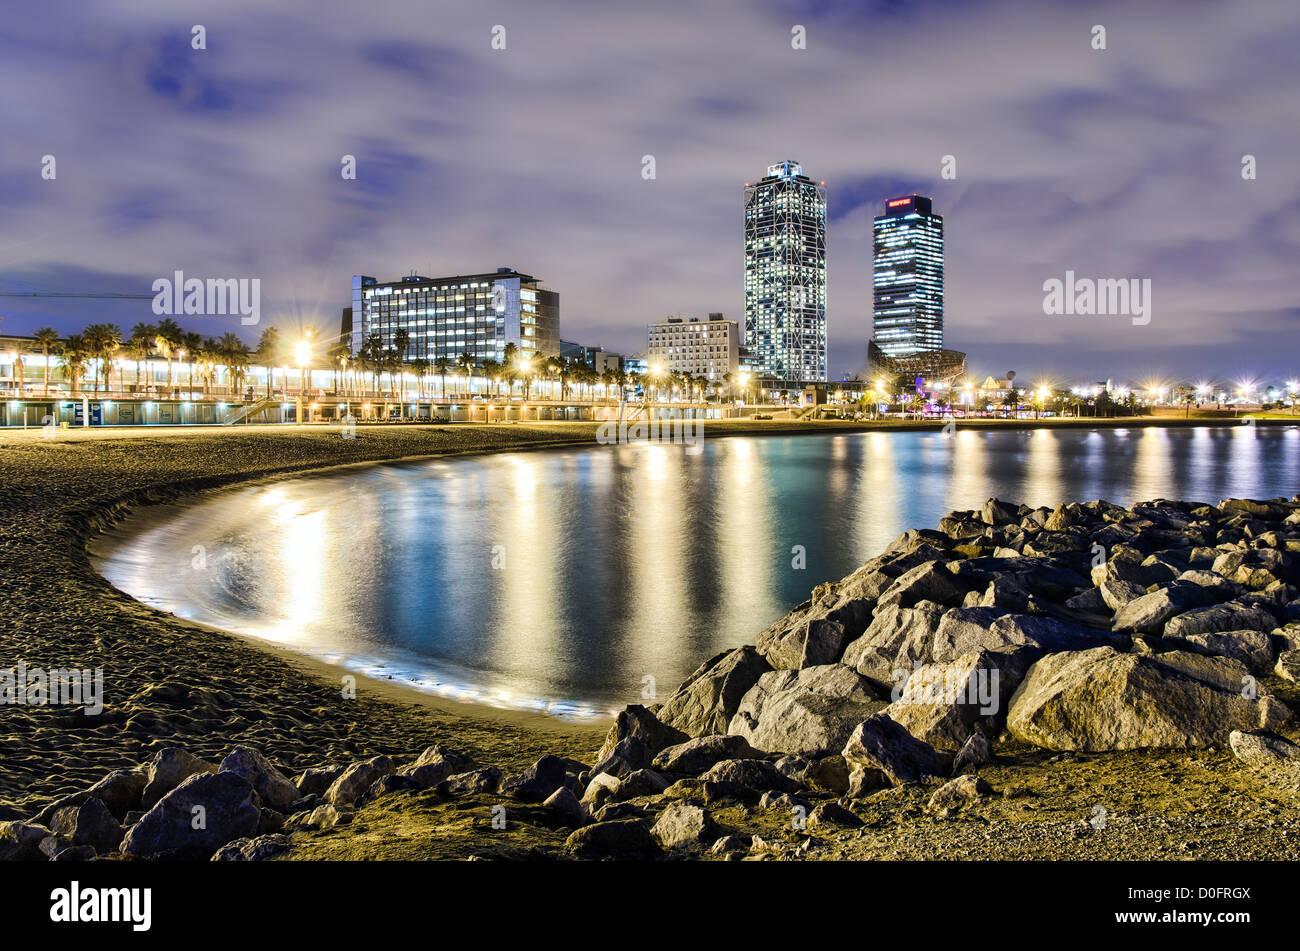 Costa di Barcellona durante la notte con una vista di hotel towers, Spagna Immagini Stock